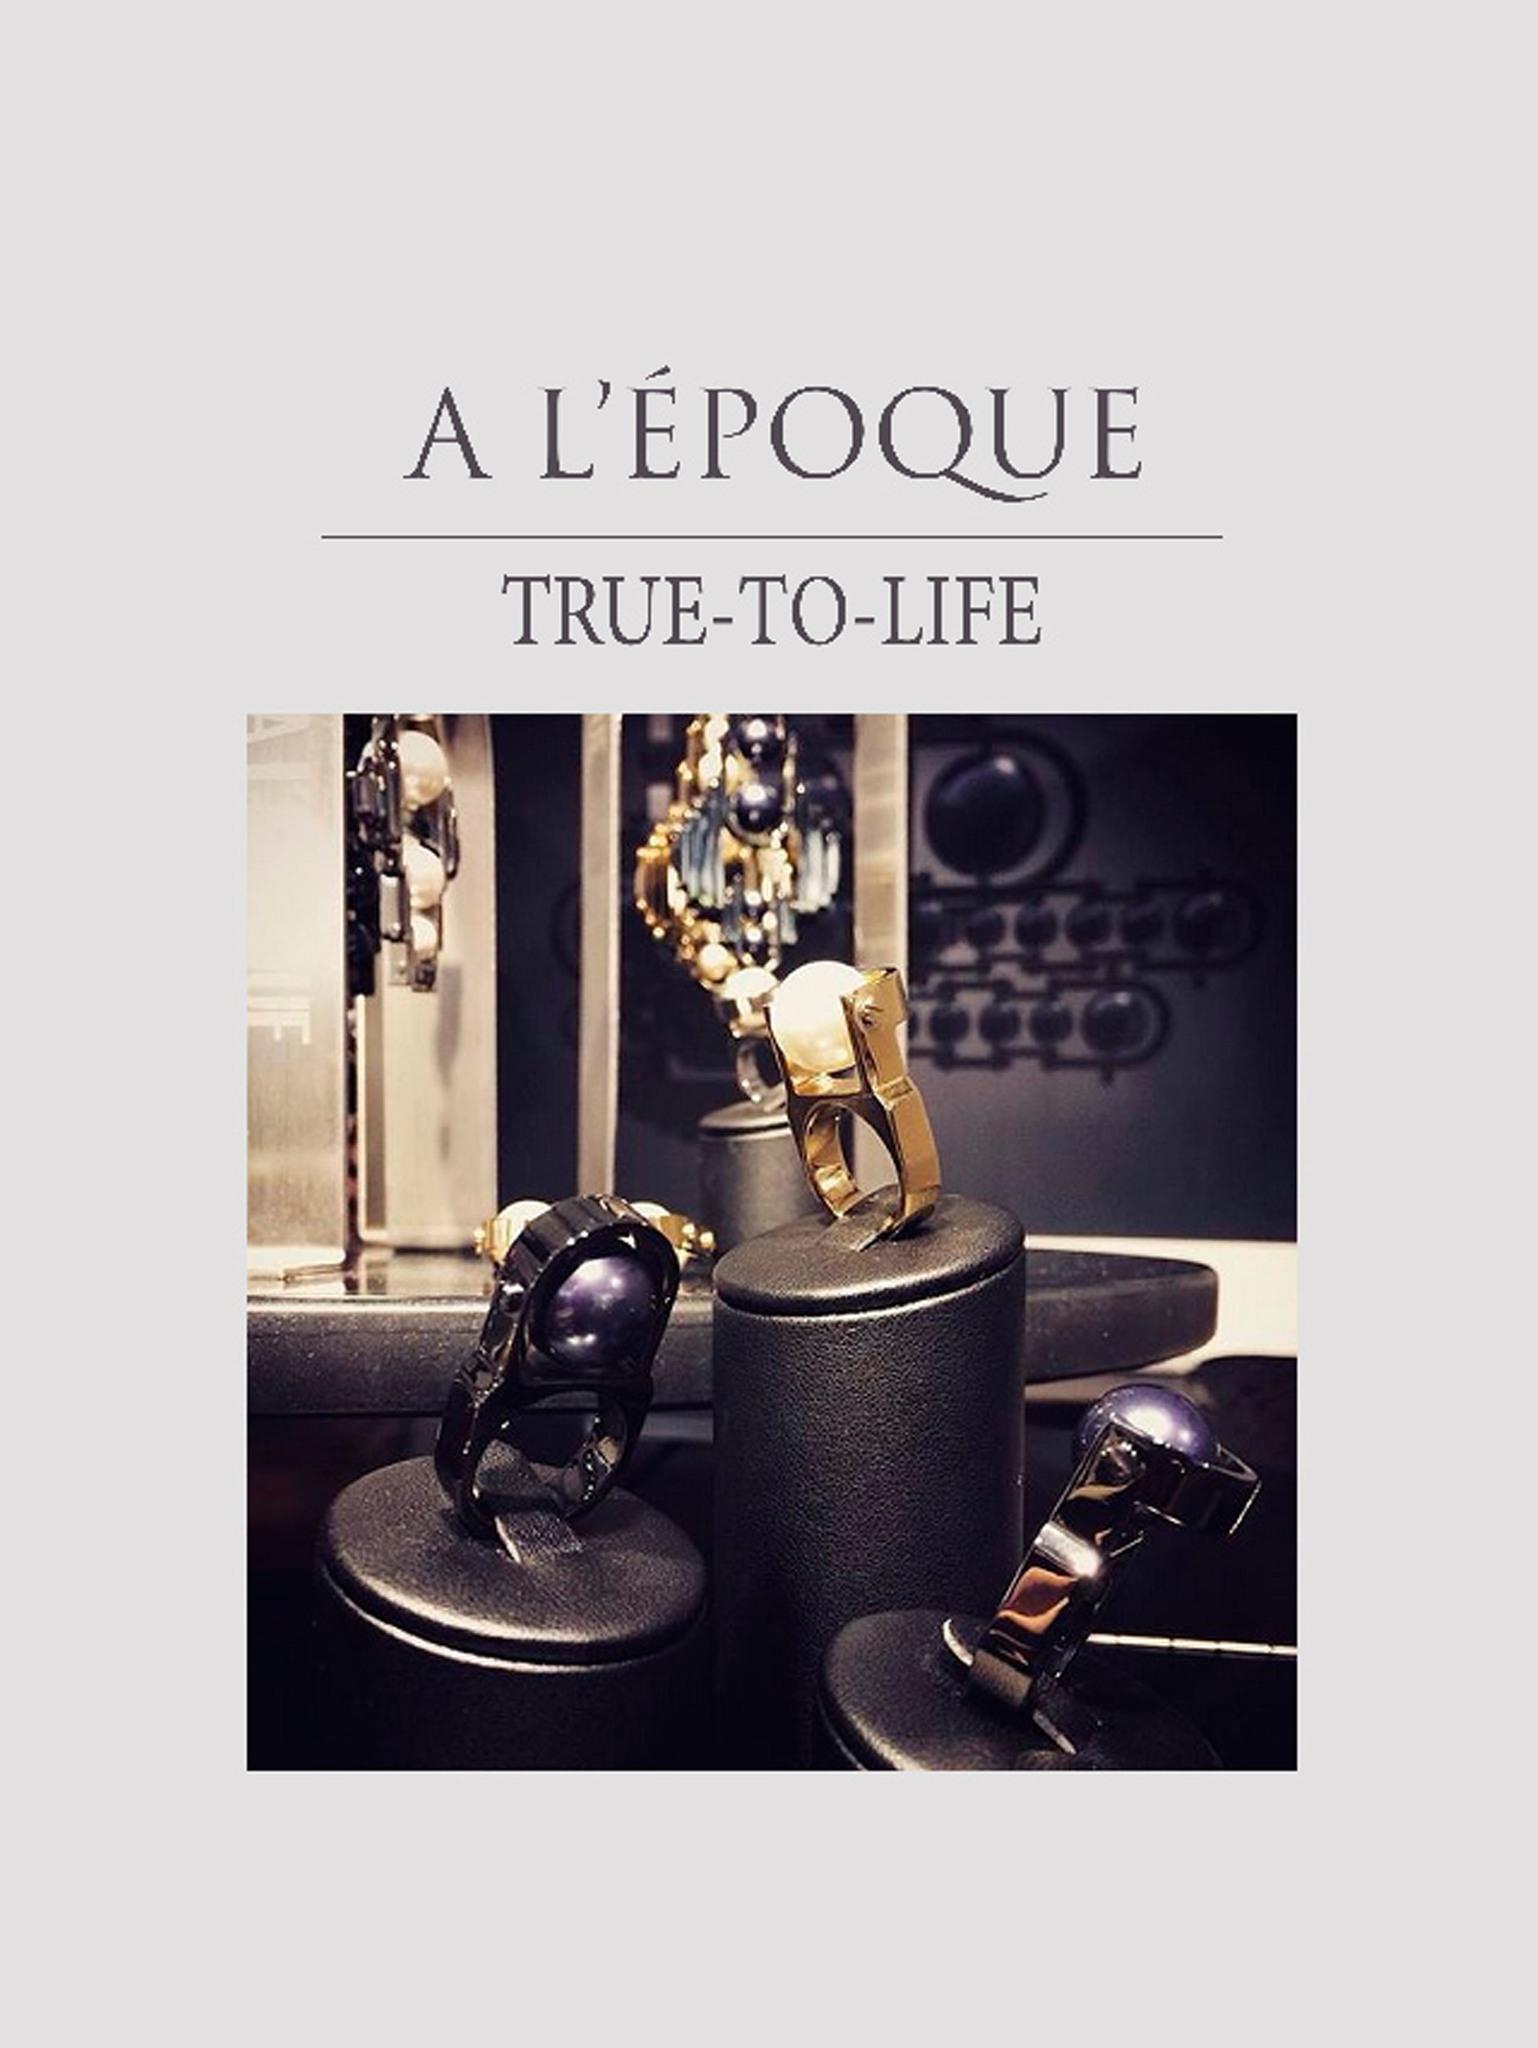 Новый французский бренд A L'epoque со своей коллекцией True To Life в MODBRAND.ru